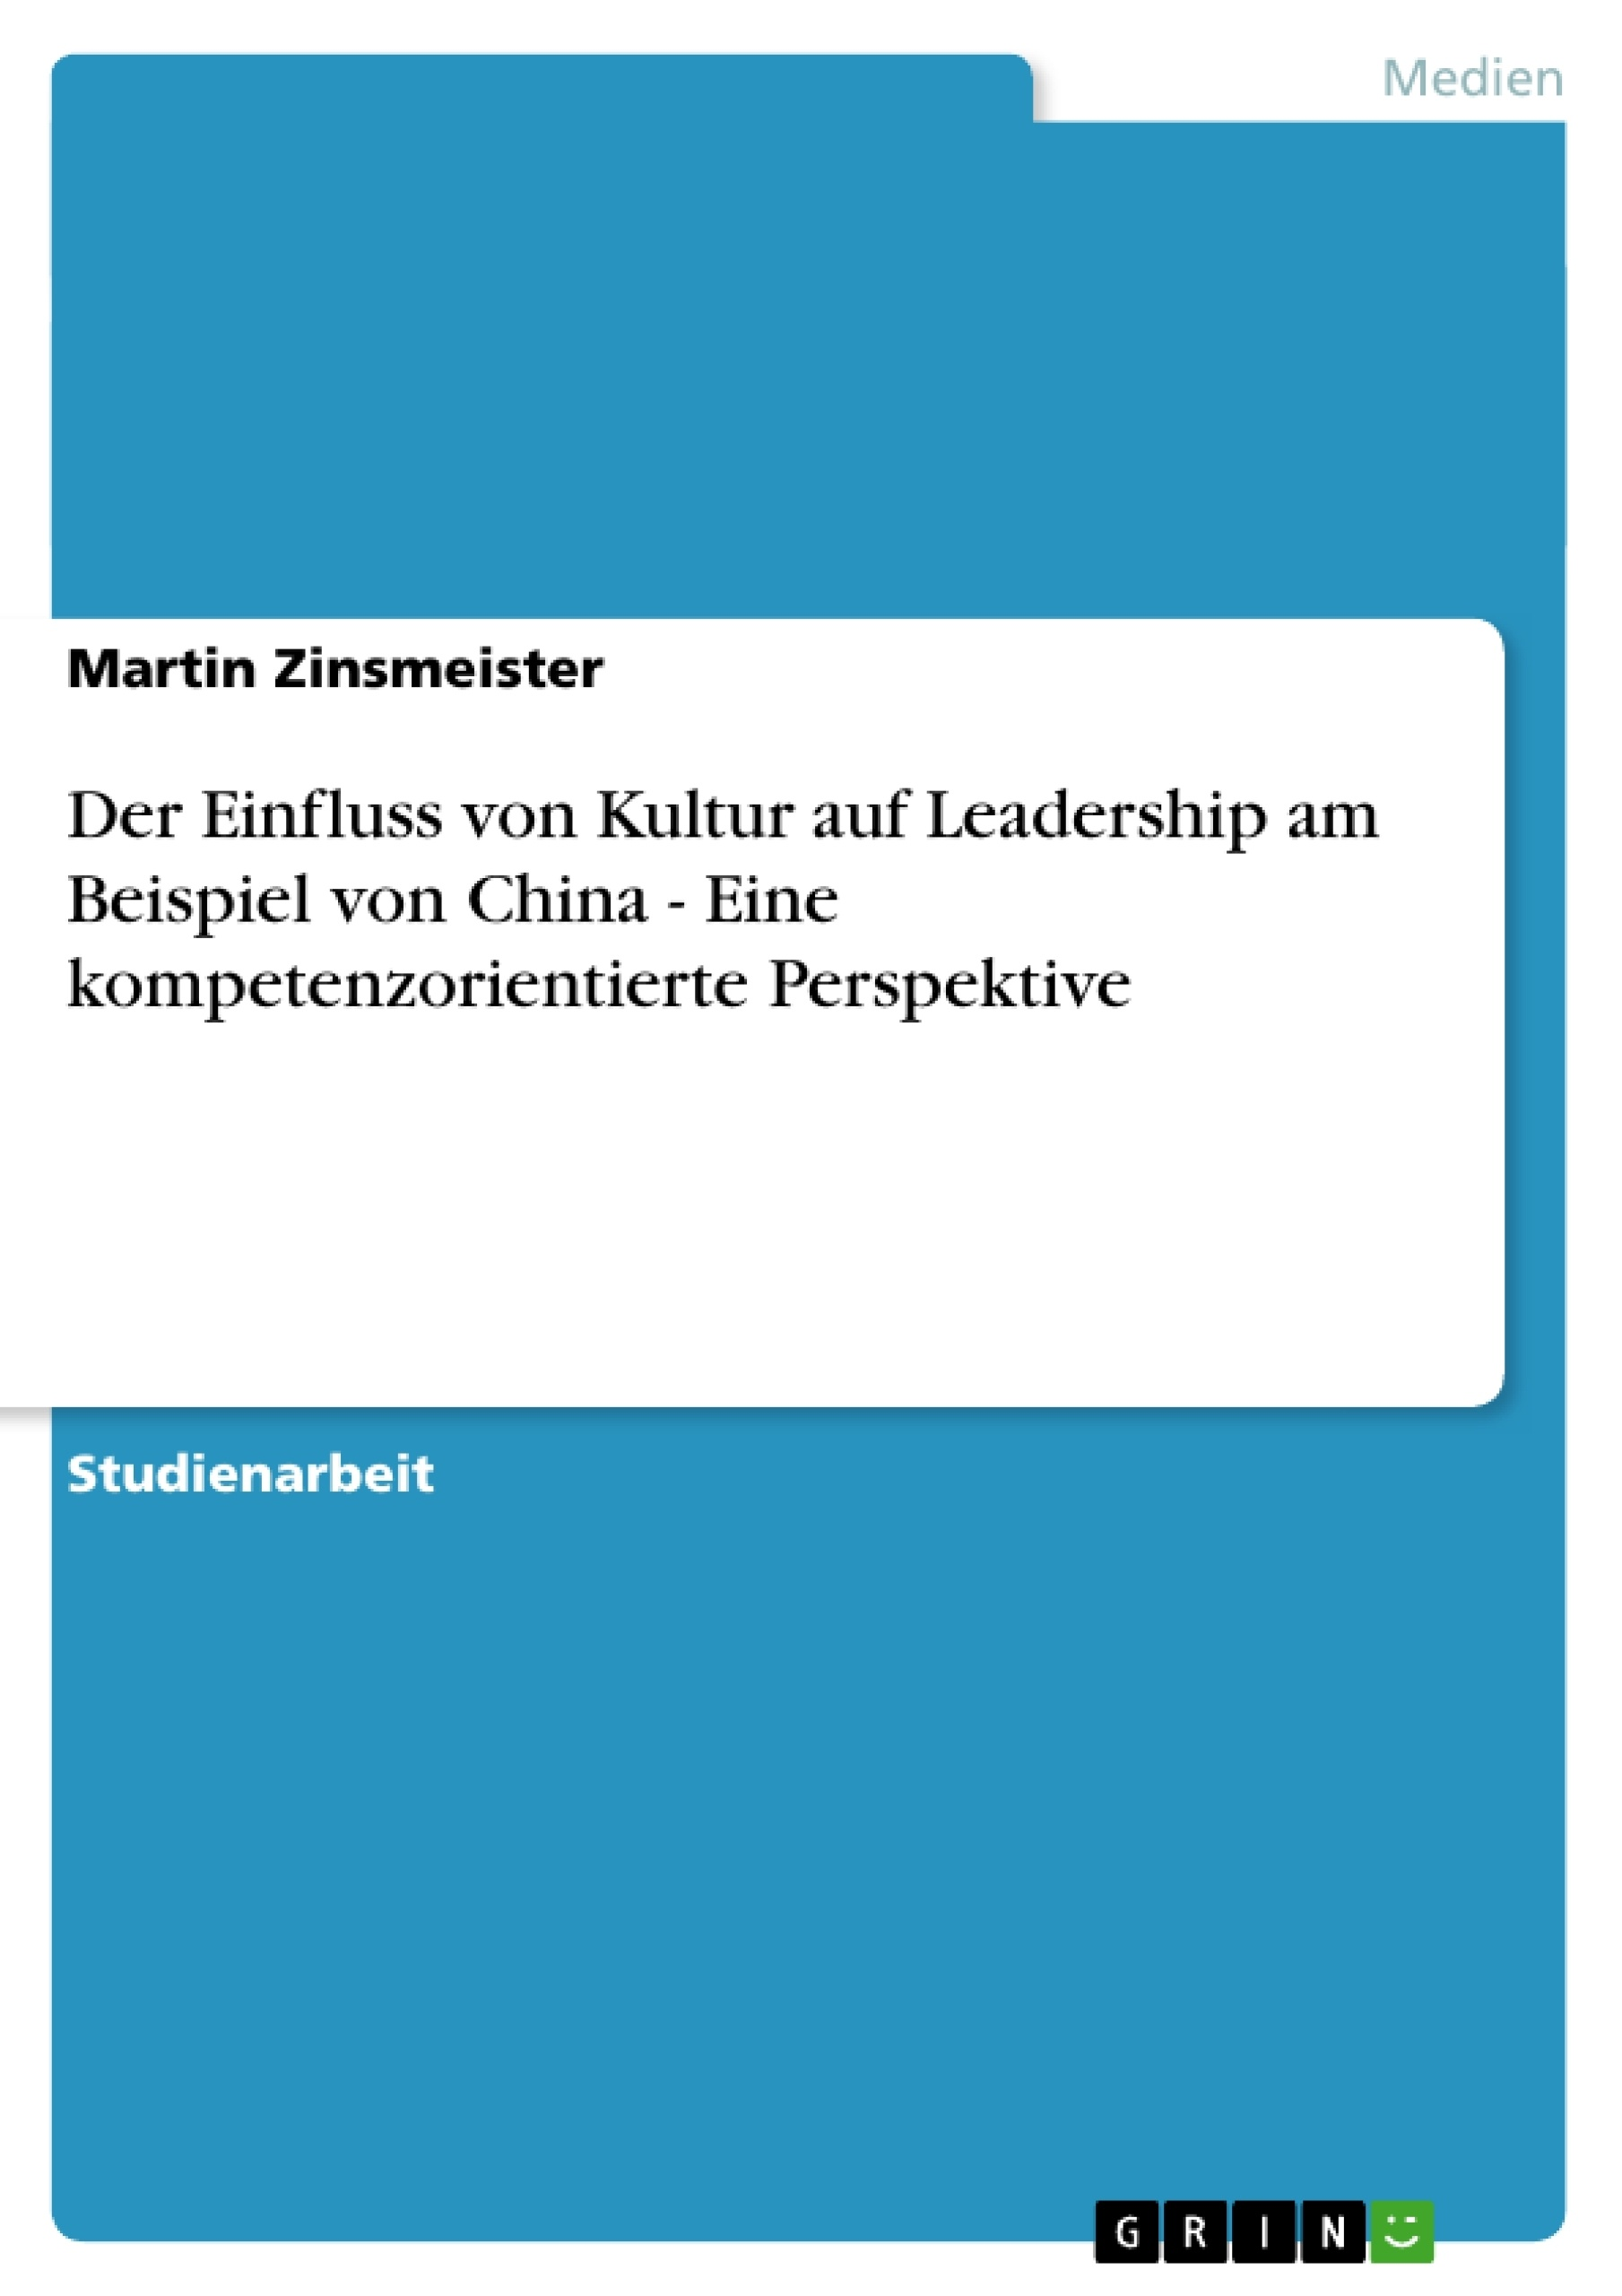 Titel: Der Einfluss von Kultur auf Leadership am Beispiel von China - Eine kompetenzorientierte Perspektive